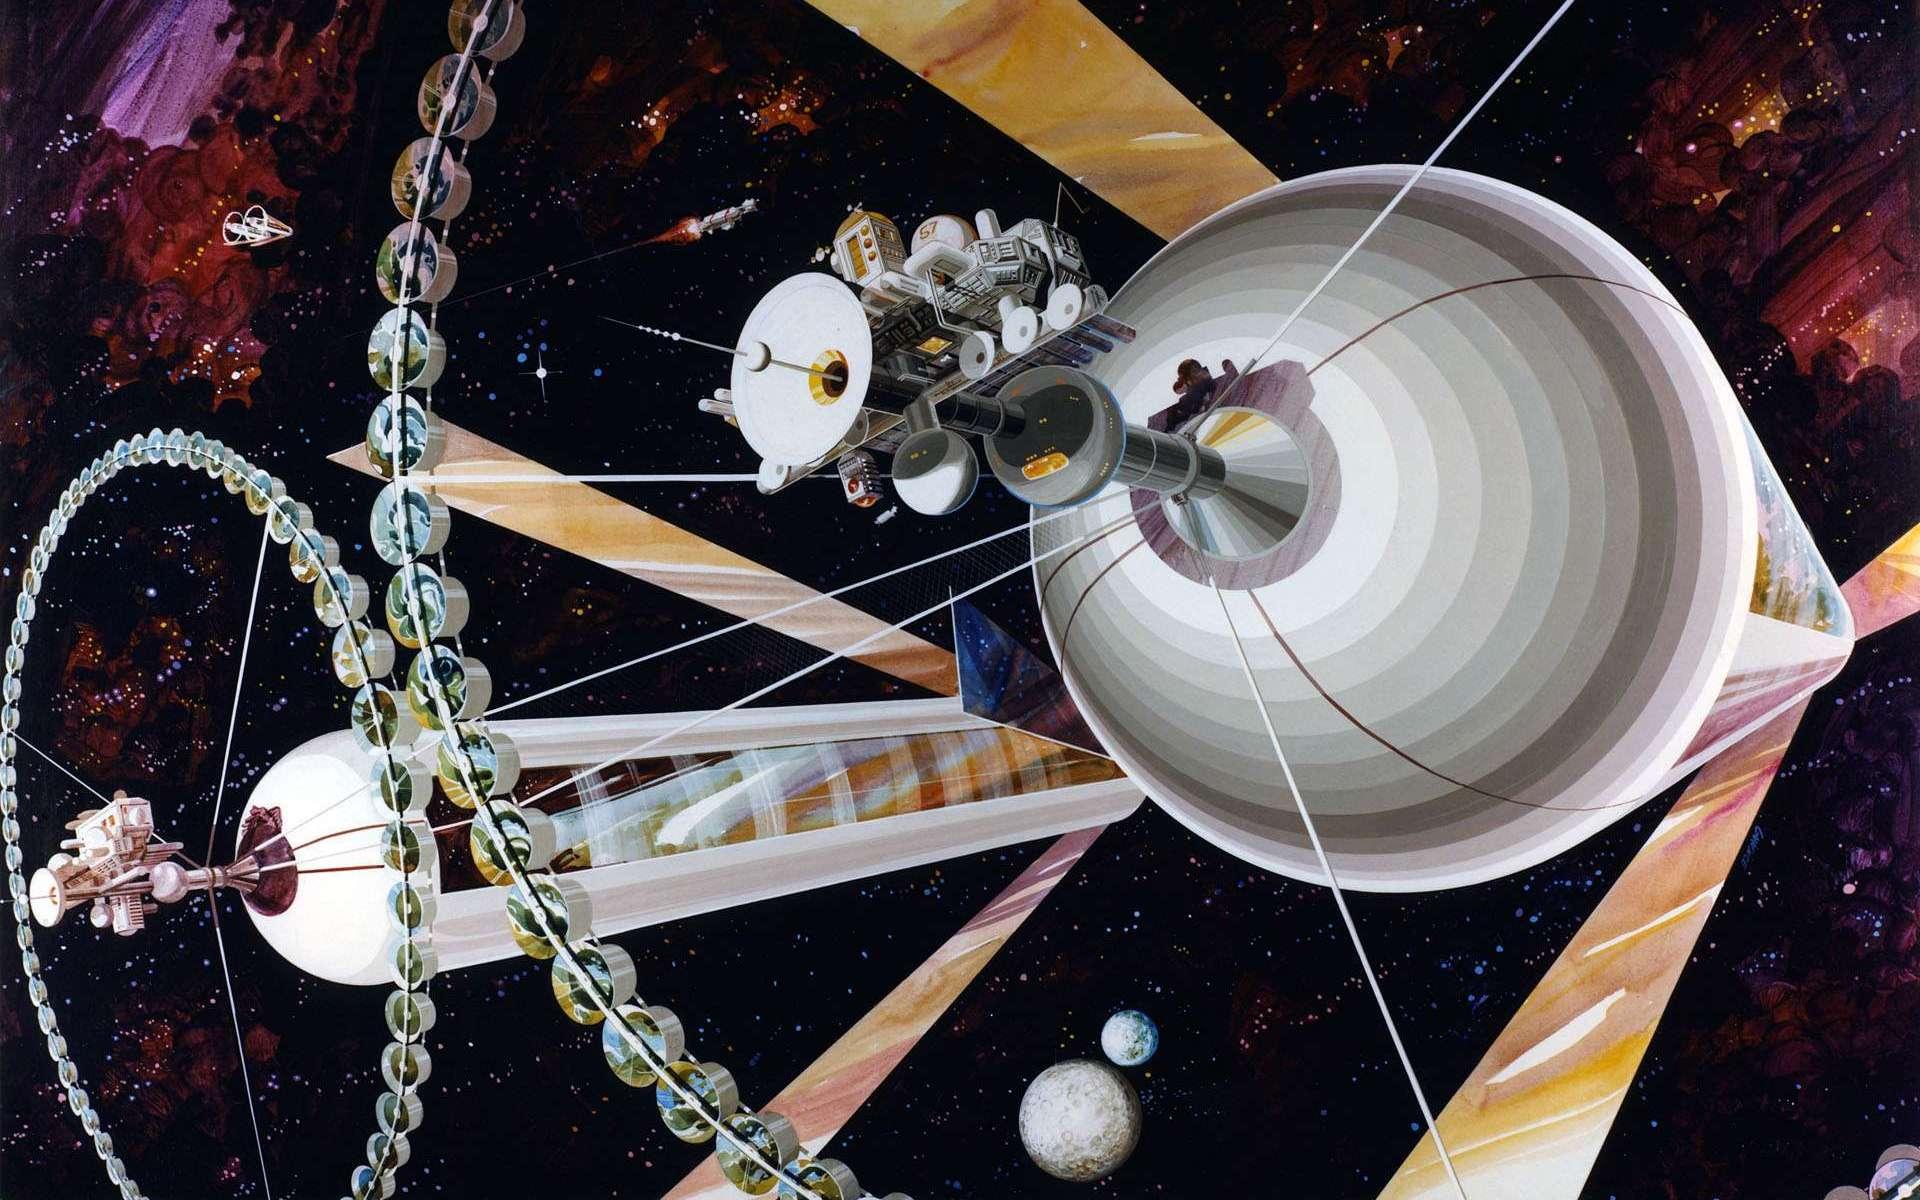 Les colonies spatiales cylindriques creuses de Gerard O'Neill. © Rick Guidice